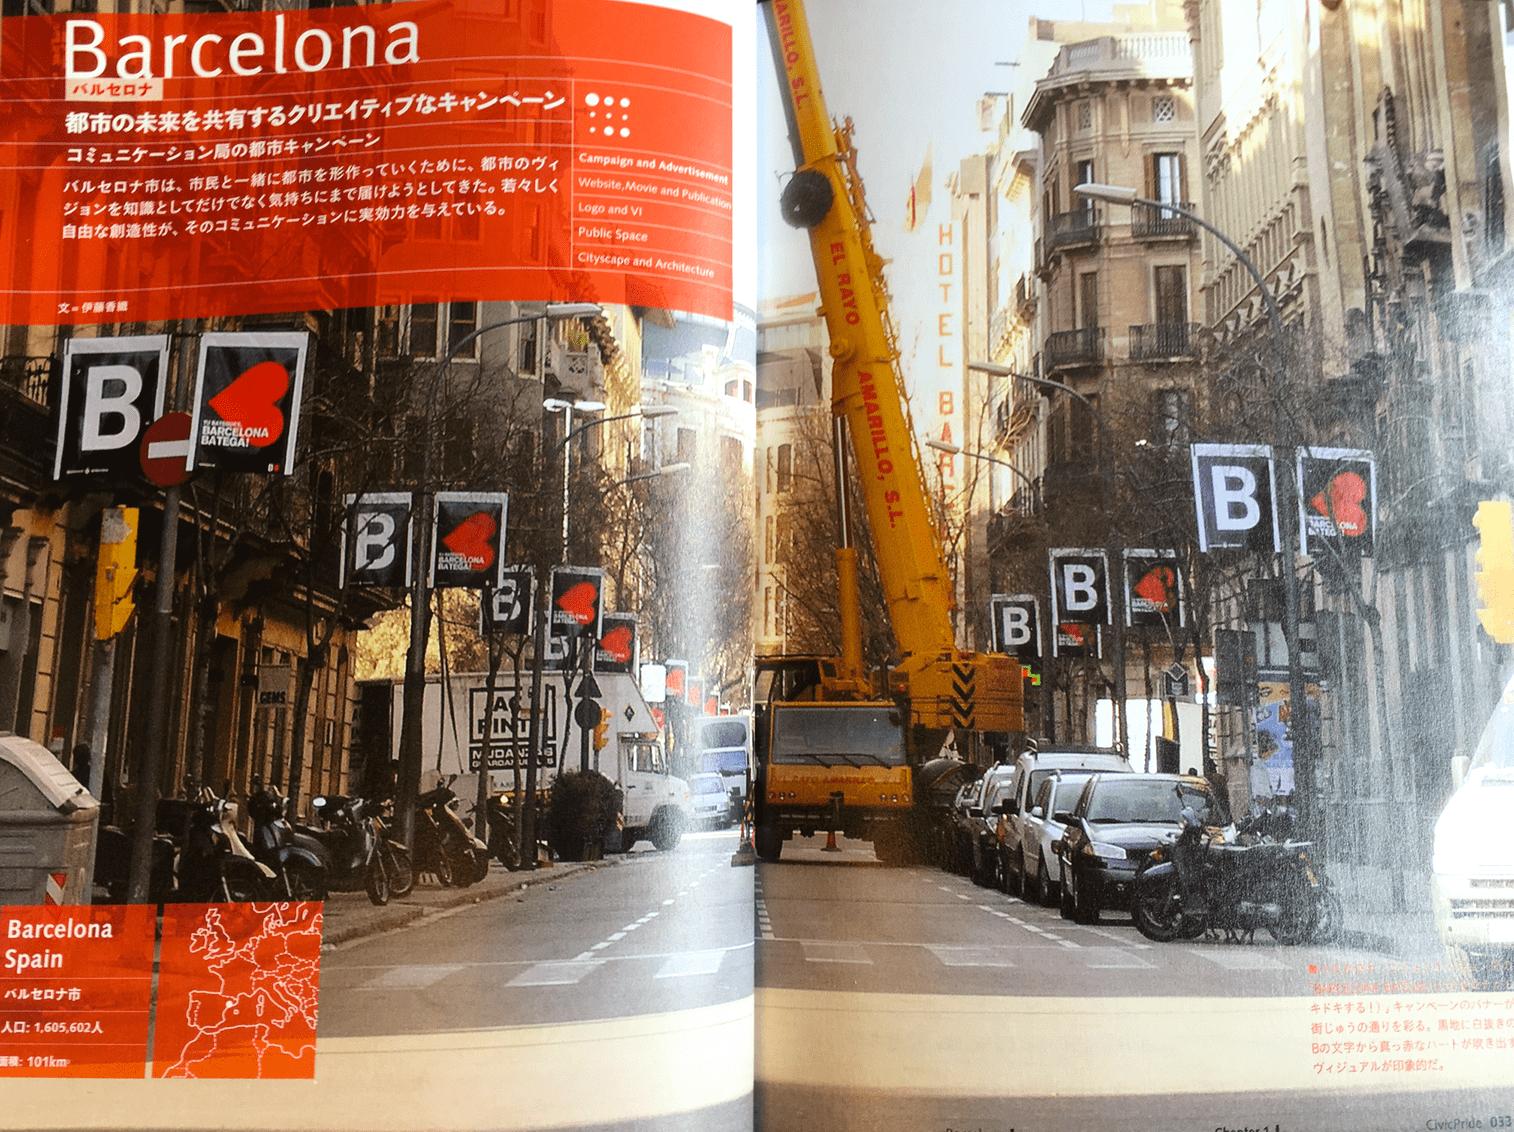 フランコ政権下の1970年代に高まった都市社会運動の流れを汲むバルセロナ市は、市長がリーダーシップを発揮しながらも、常に市民とビジョンを共有し、ともに都市を形作っていくことを重視してきました。